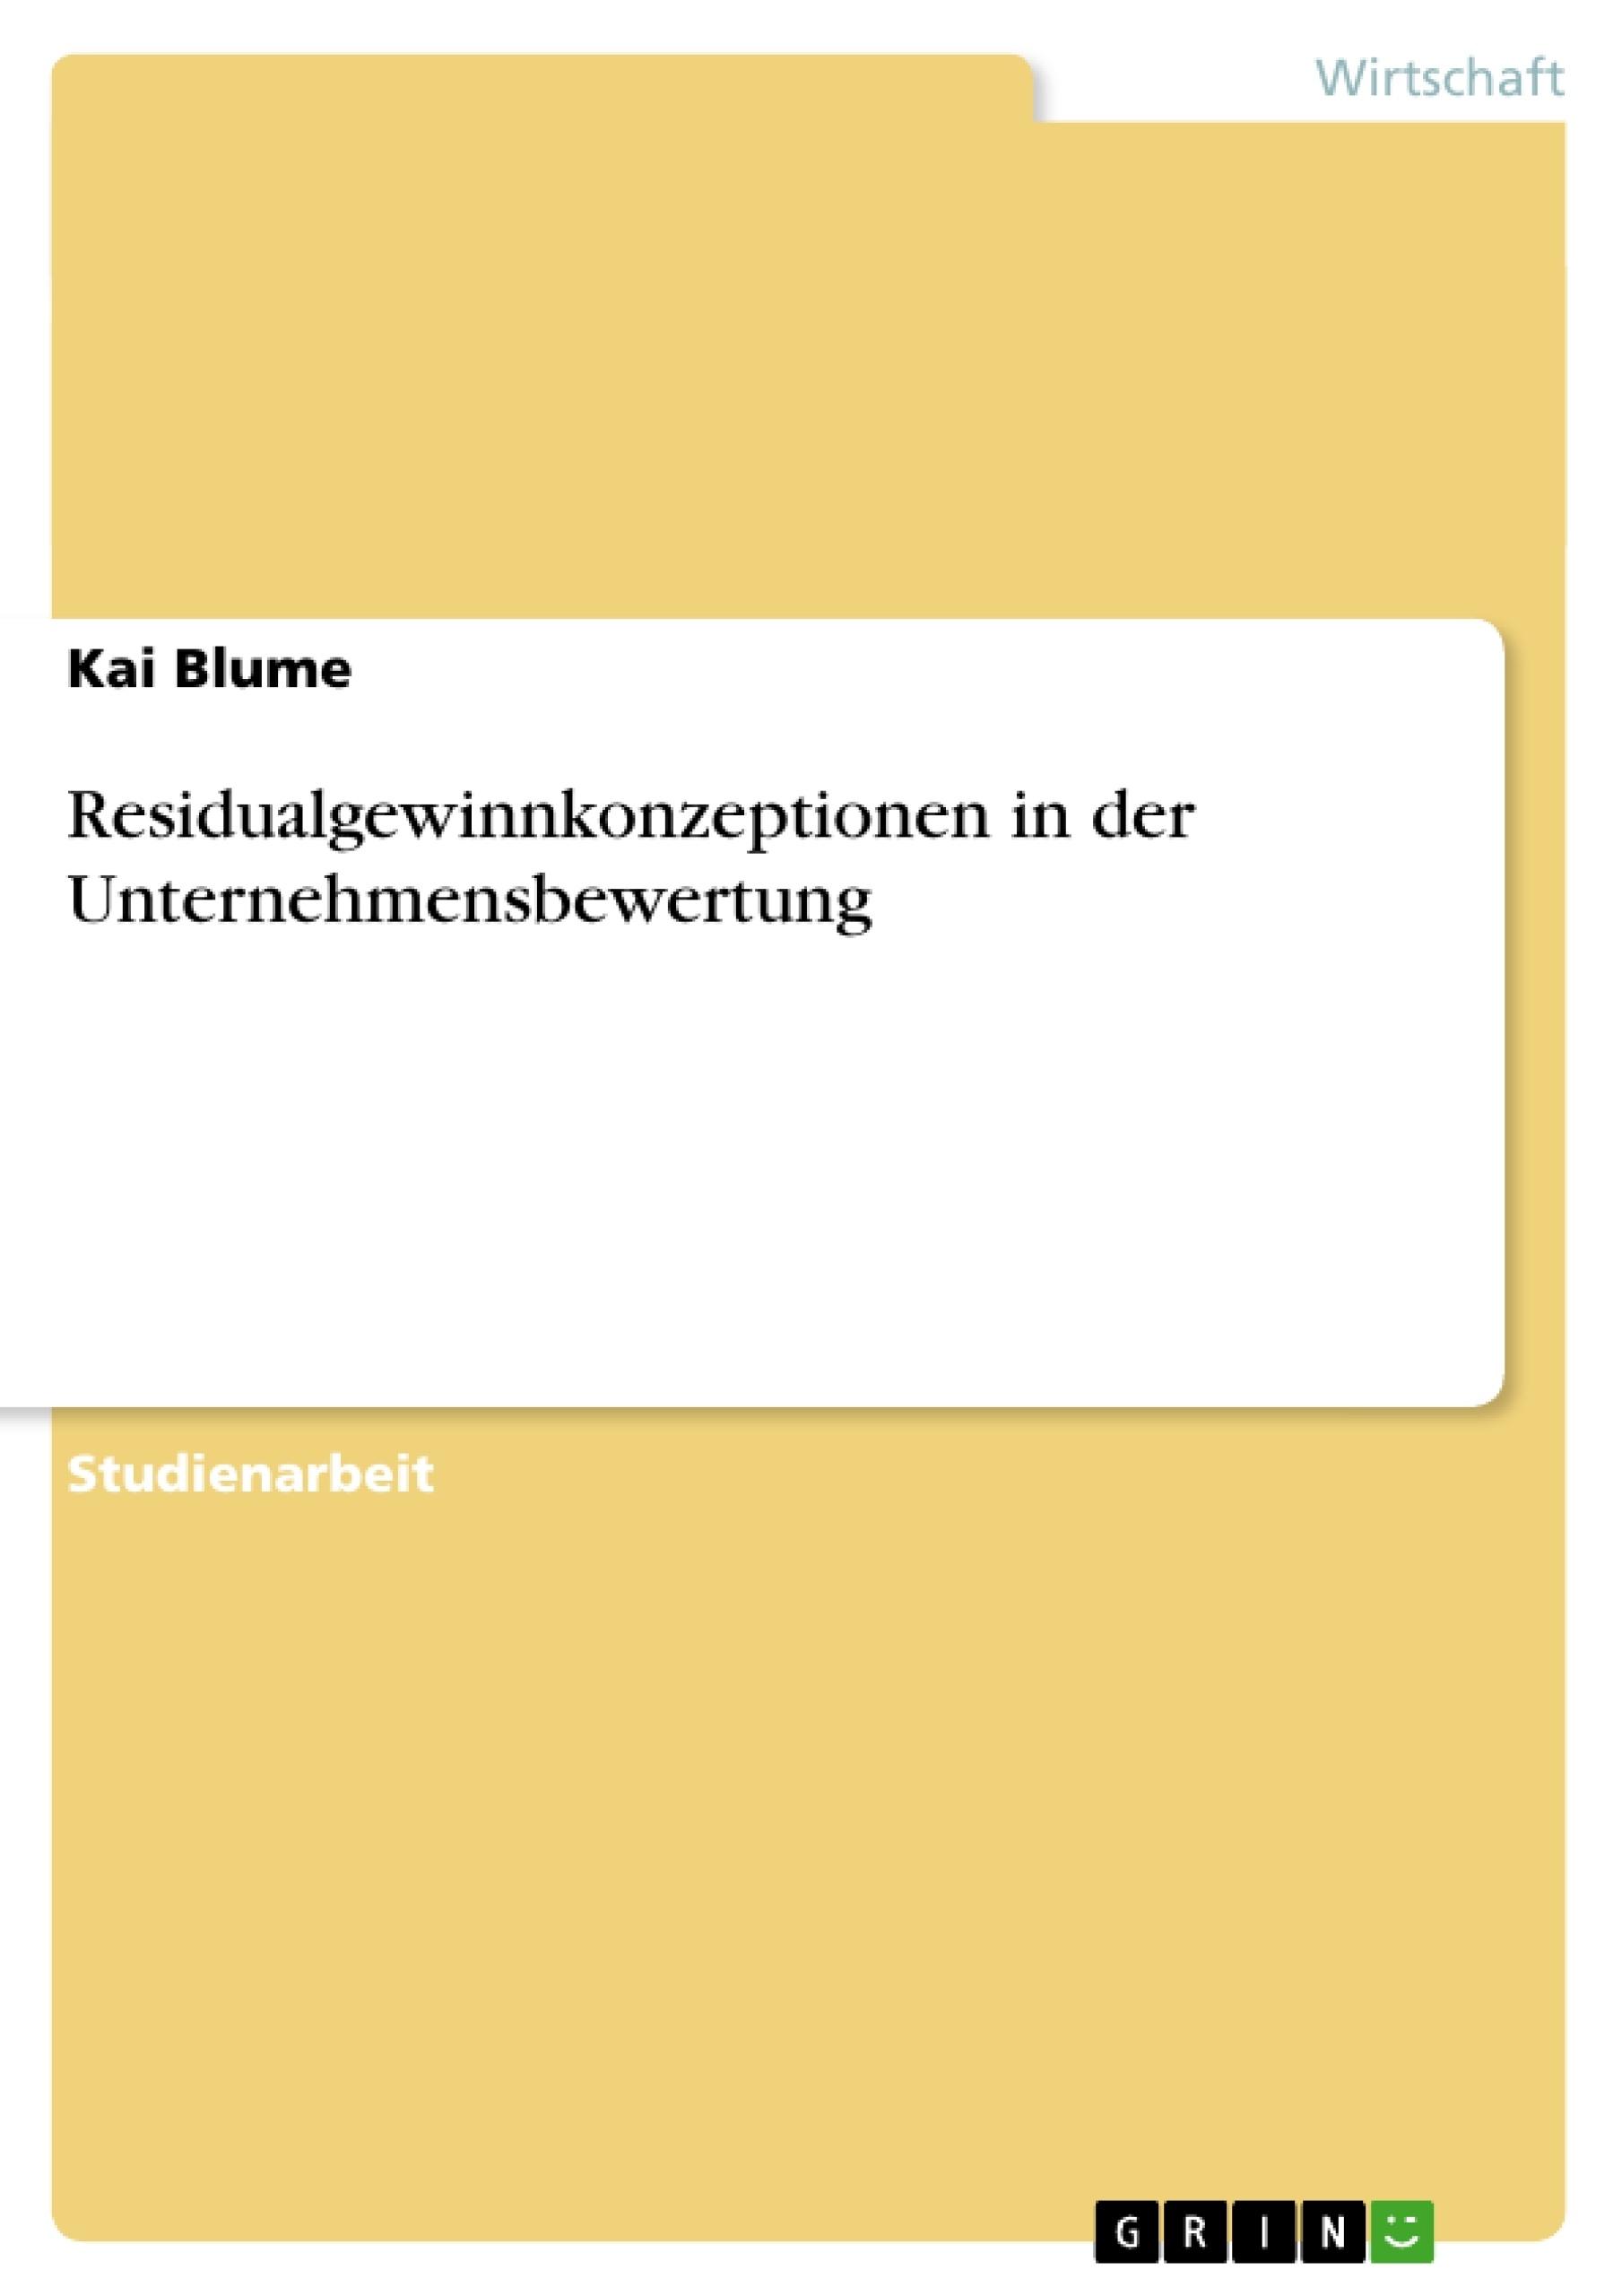 Titel: Residualgewinnkonzeptionen in der Unternehmensbewertung